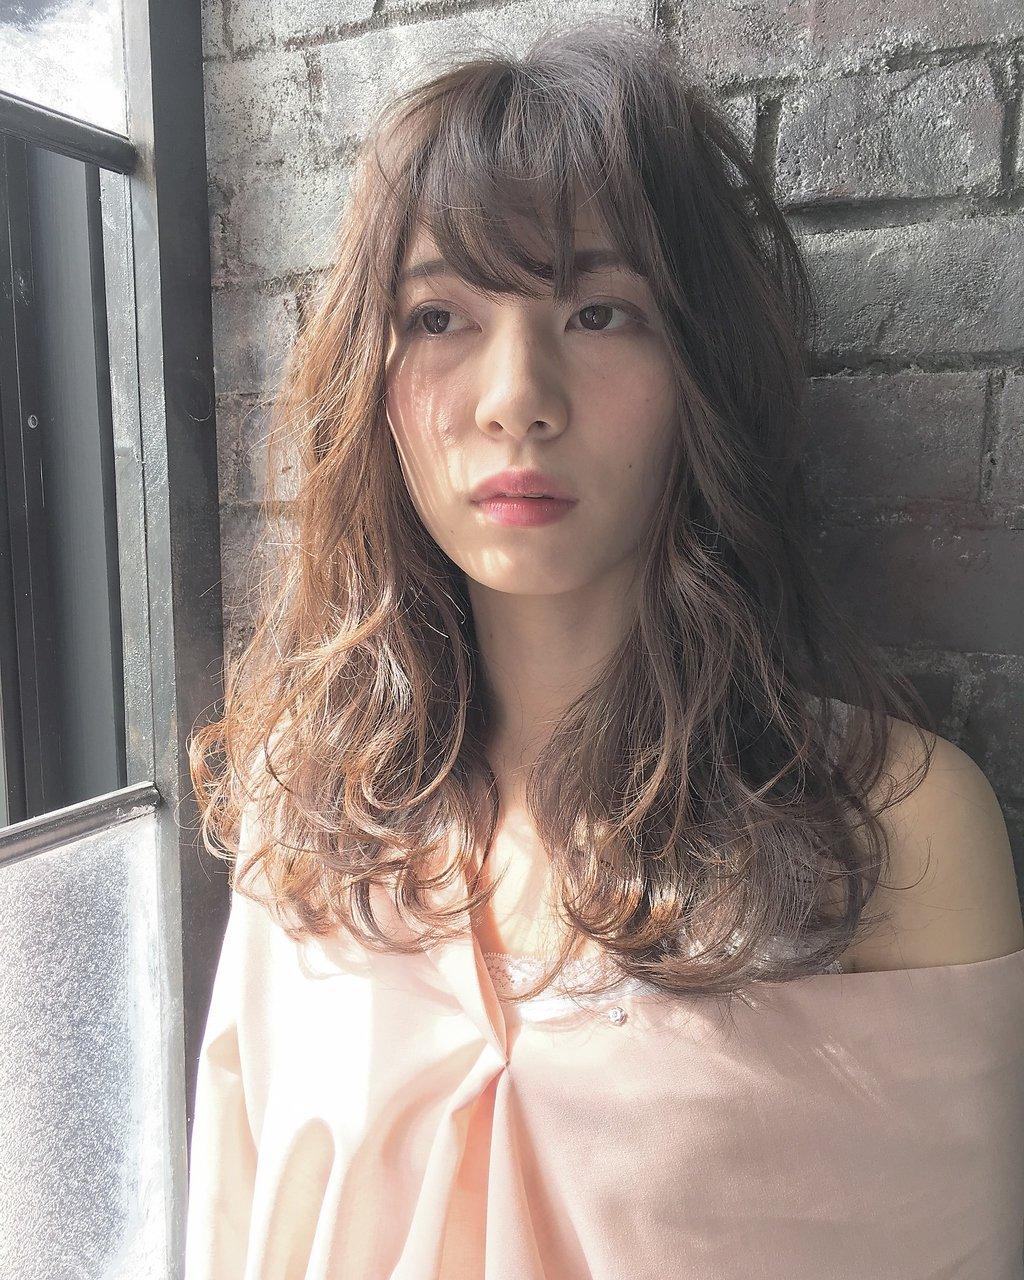 【No.06HWS】小野寺 フォギーベージュ×アンニュイセミロング